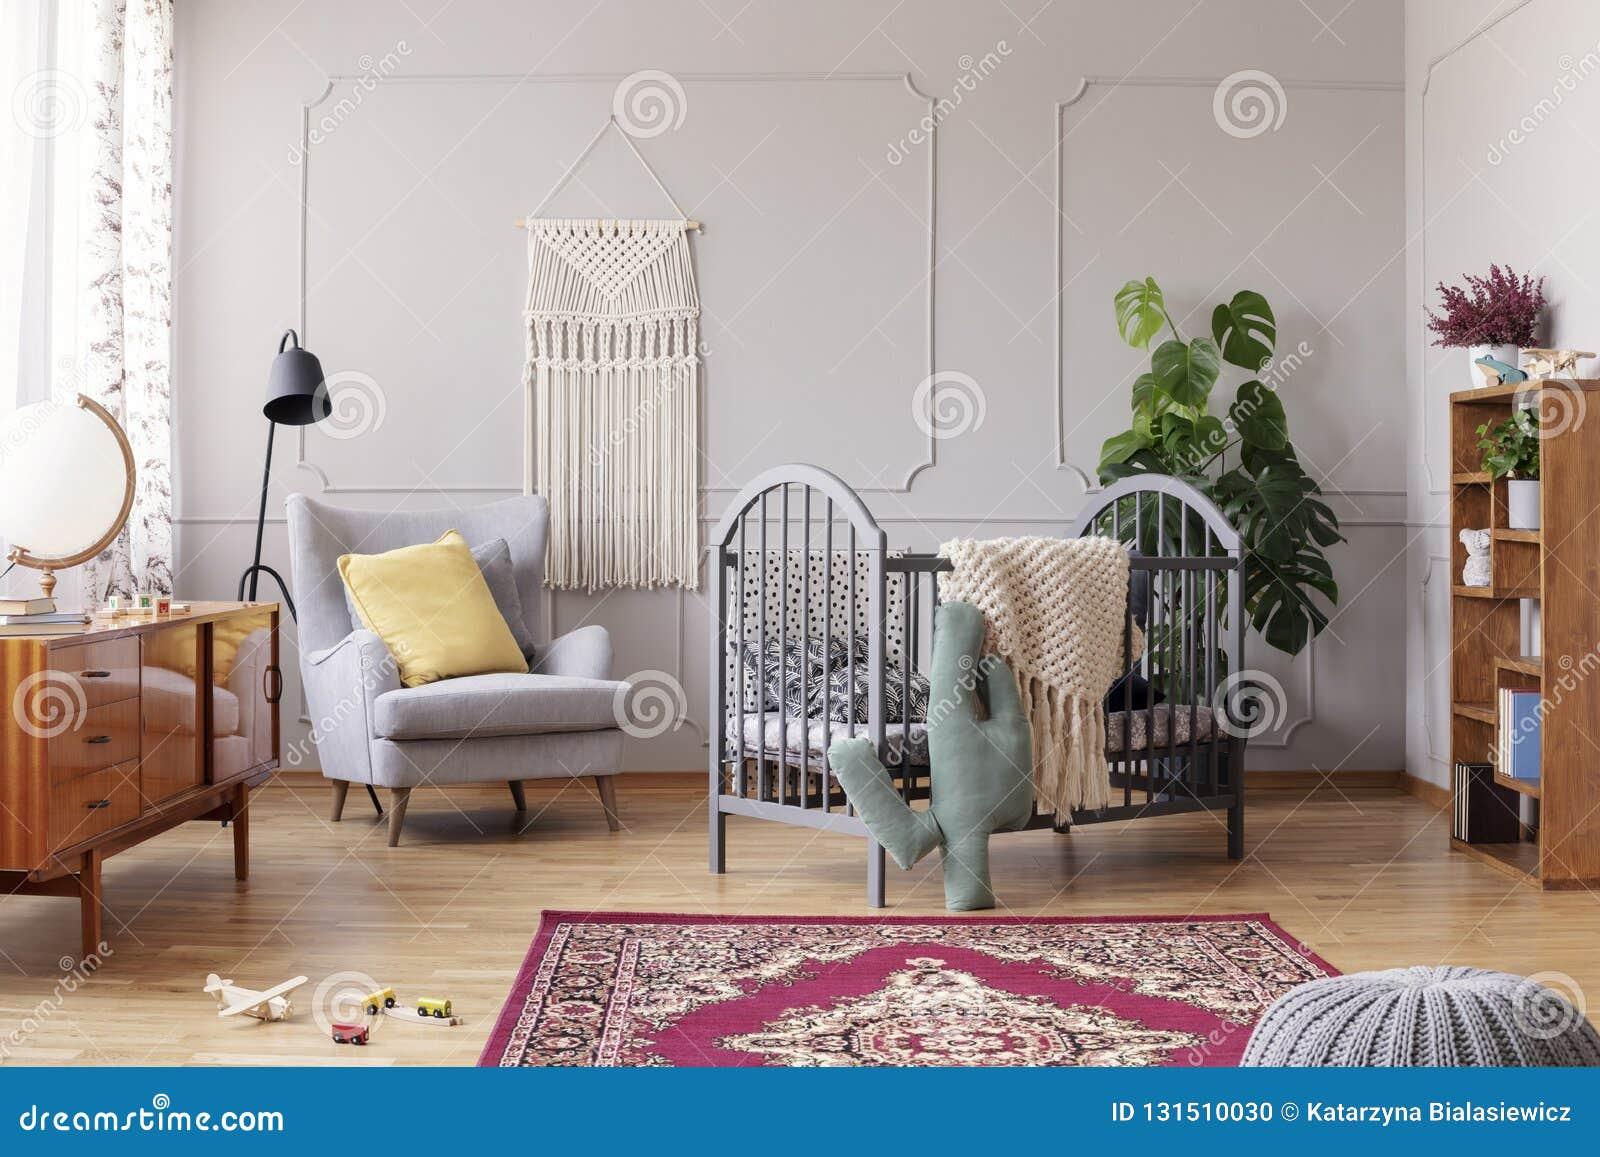 舒适的扶手椅子和灰色木小儿床,真正的照片